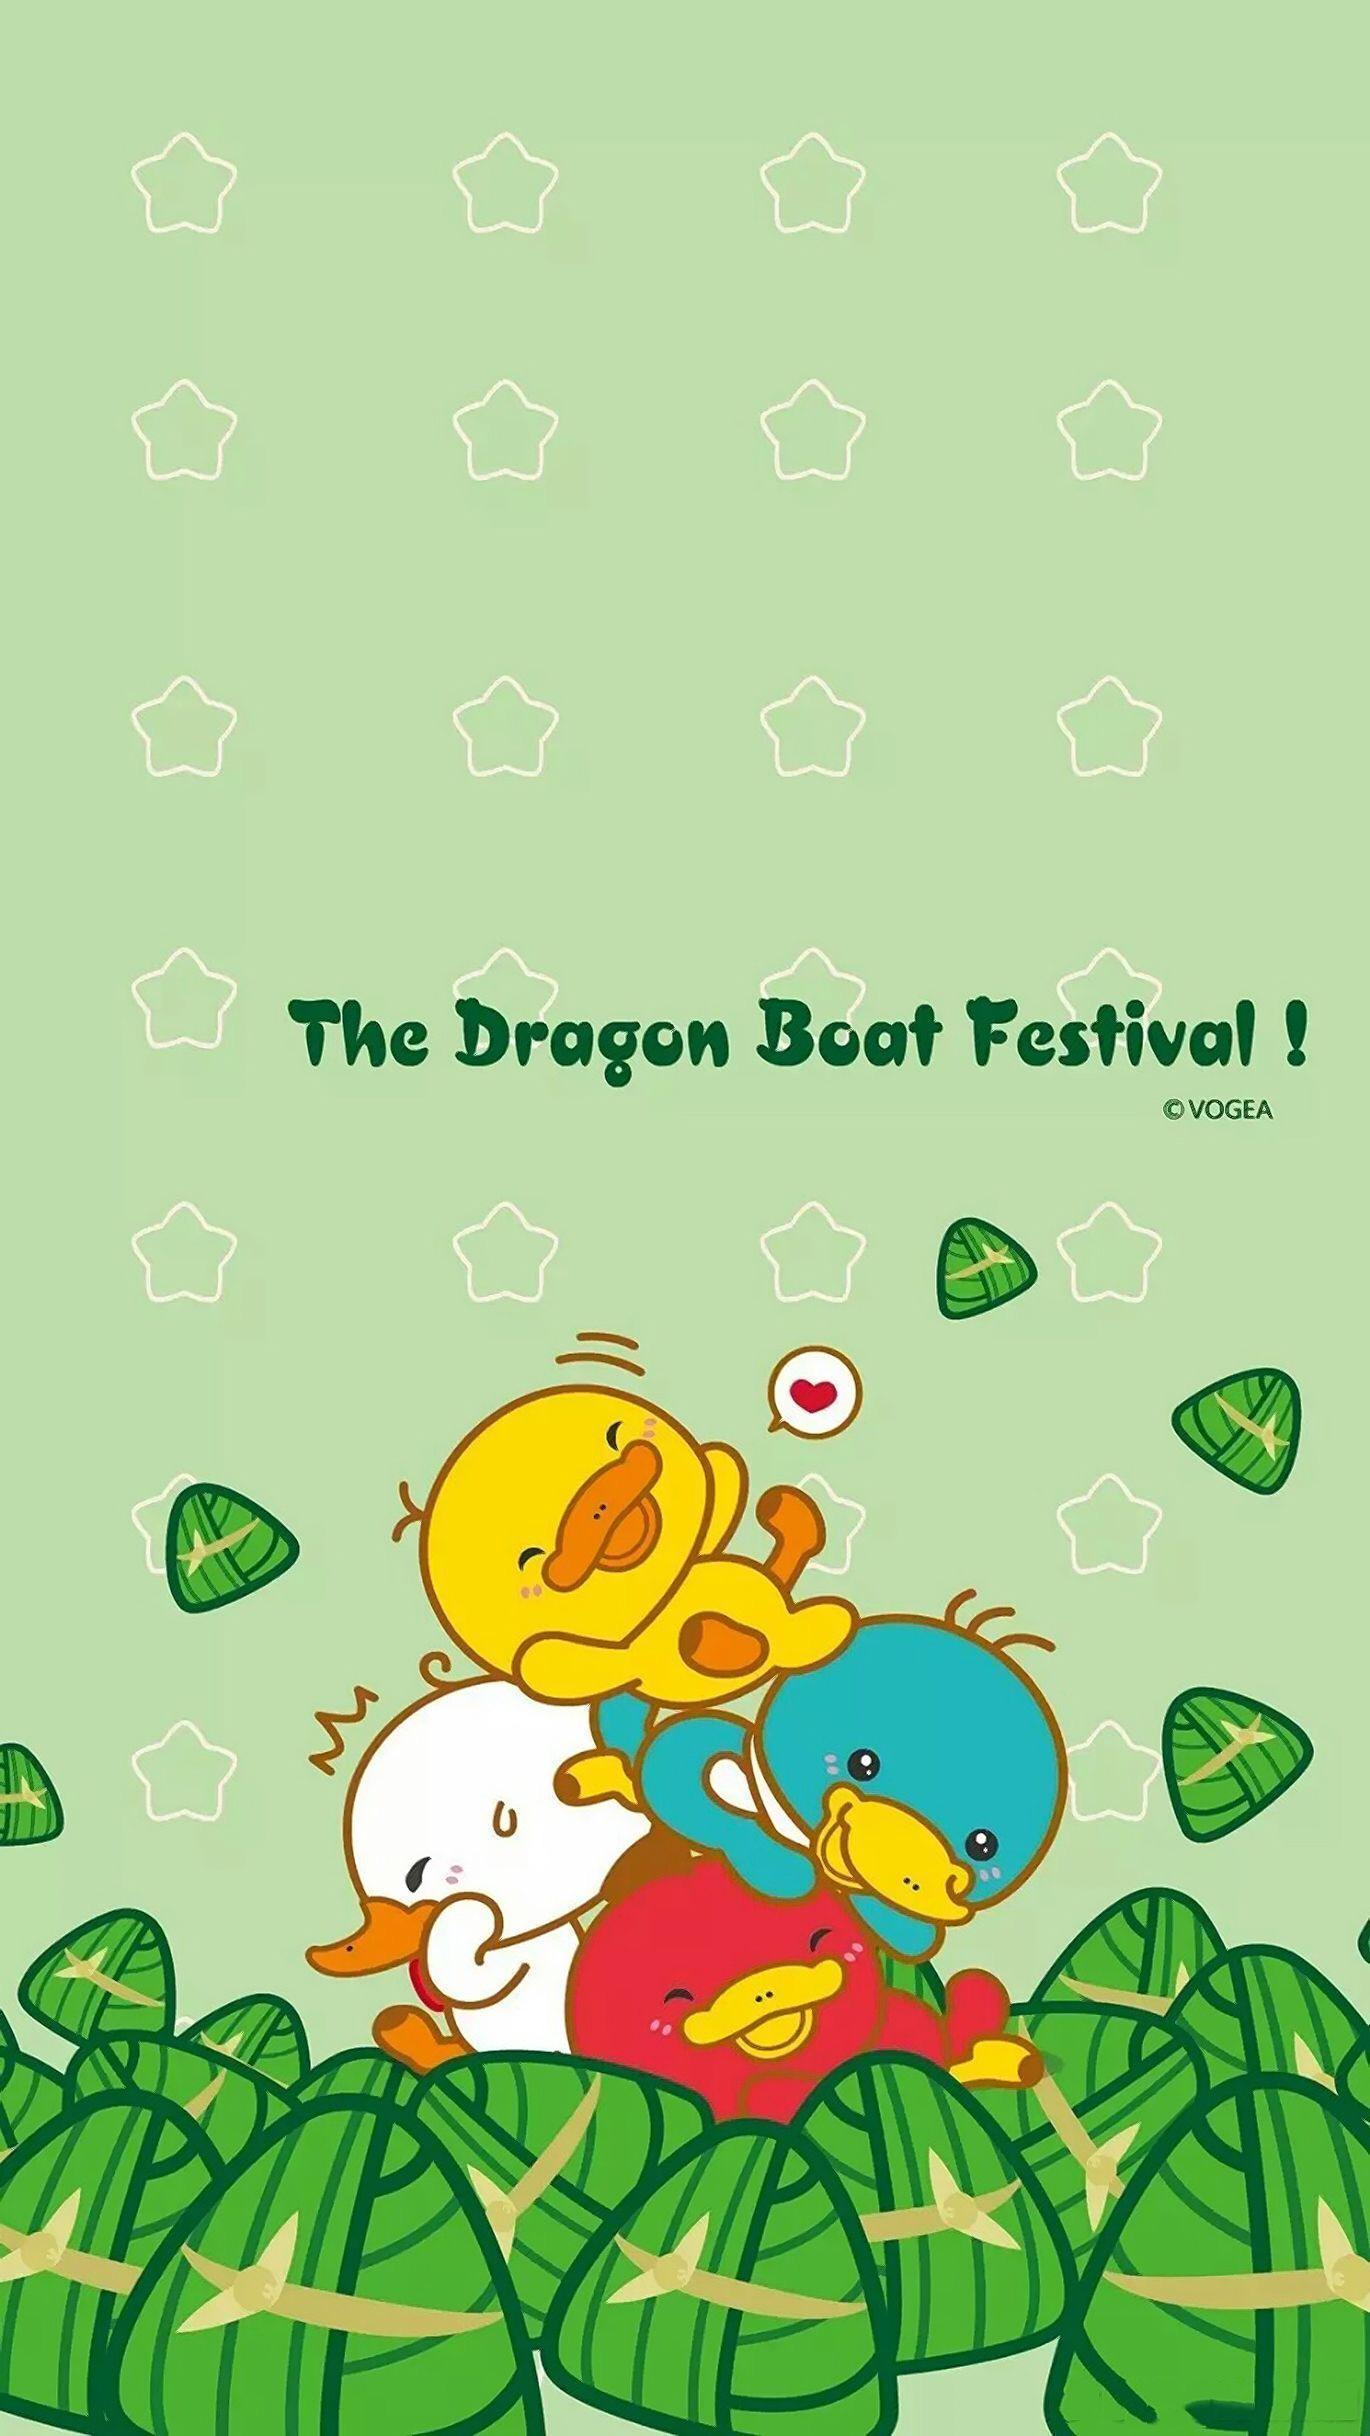 一直只爱的小白狗他都喜欢吃枣子味道的粽子,还没开吃他已经开始在蠢蠢欲动了,吃完之后说了一句话:粽子好吃。  端午节可爱的小鸡表情包在湖上划起了龙舟,看上去很是开心的样子,带头划龙舟的划的很起劲还很开心愉悦!  四只可爱的小鸭鸭非常喜欢吃粽子,开心的不要不要的。  端午节可爱的小猫咪要准备开动叉子吃粽子了,他是西方的猫,所以用叉子吃粽子啊。  这四个小可爱的卡通人物要开动了,这个大粽子应该够三个人吃,但是那个小胖摸了摸肚子,感觉他吃的有点撑。  蘑菇点点在湖上面划驾驭着自动龙舟,杆子上面挂着个小黄鸭粽子